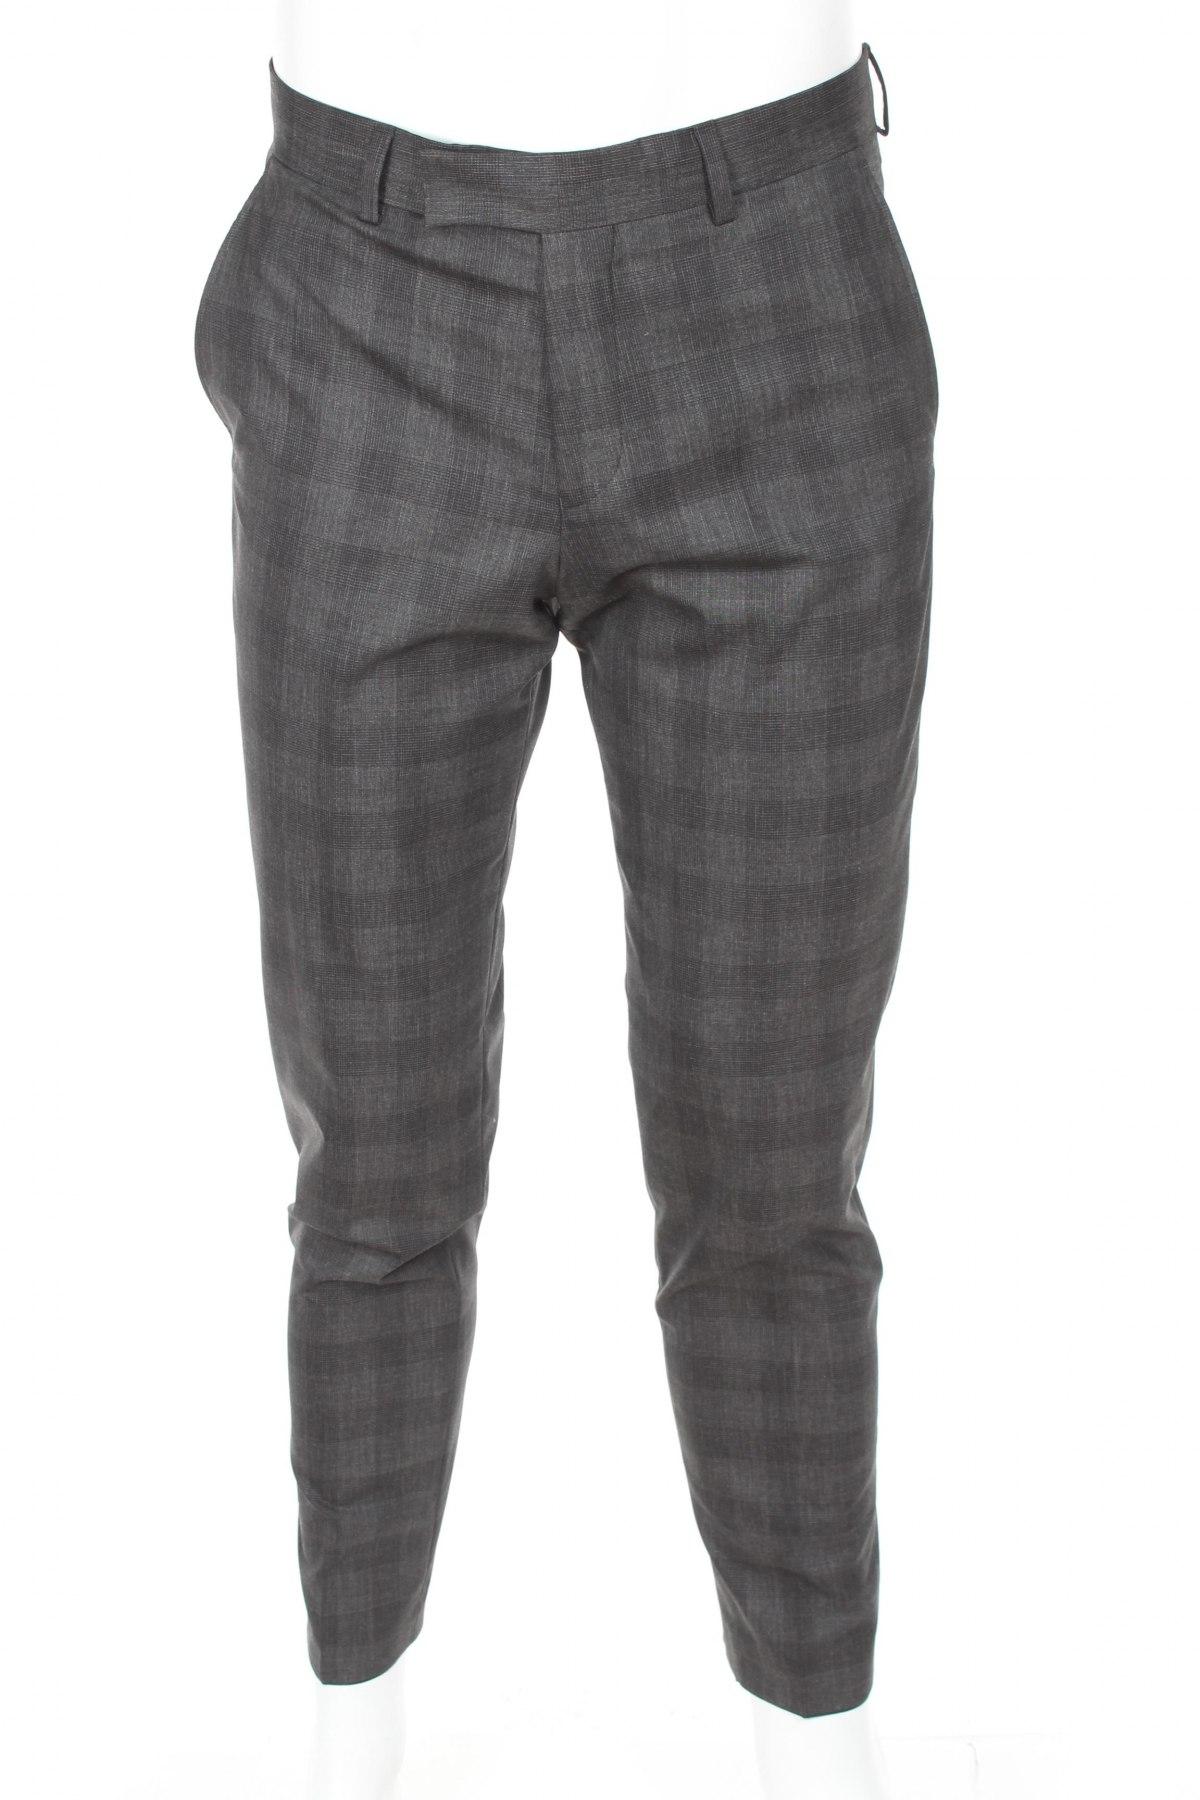 7f5d4085a129f Pánske oblečenie - blúzky, džínsy, nohavice, košele - Oblečenie second hand  - Remix